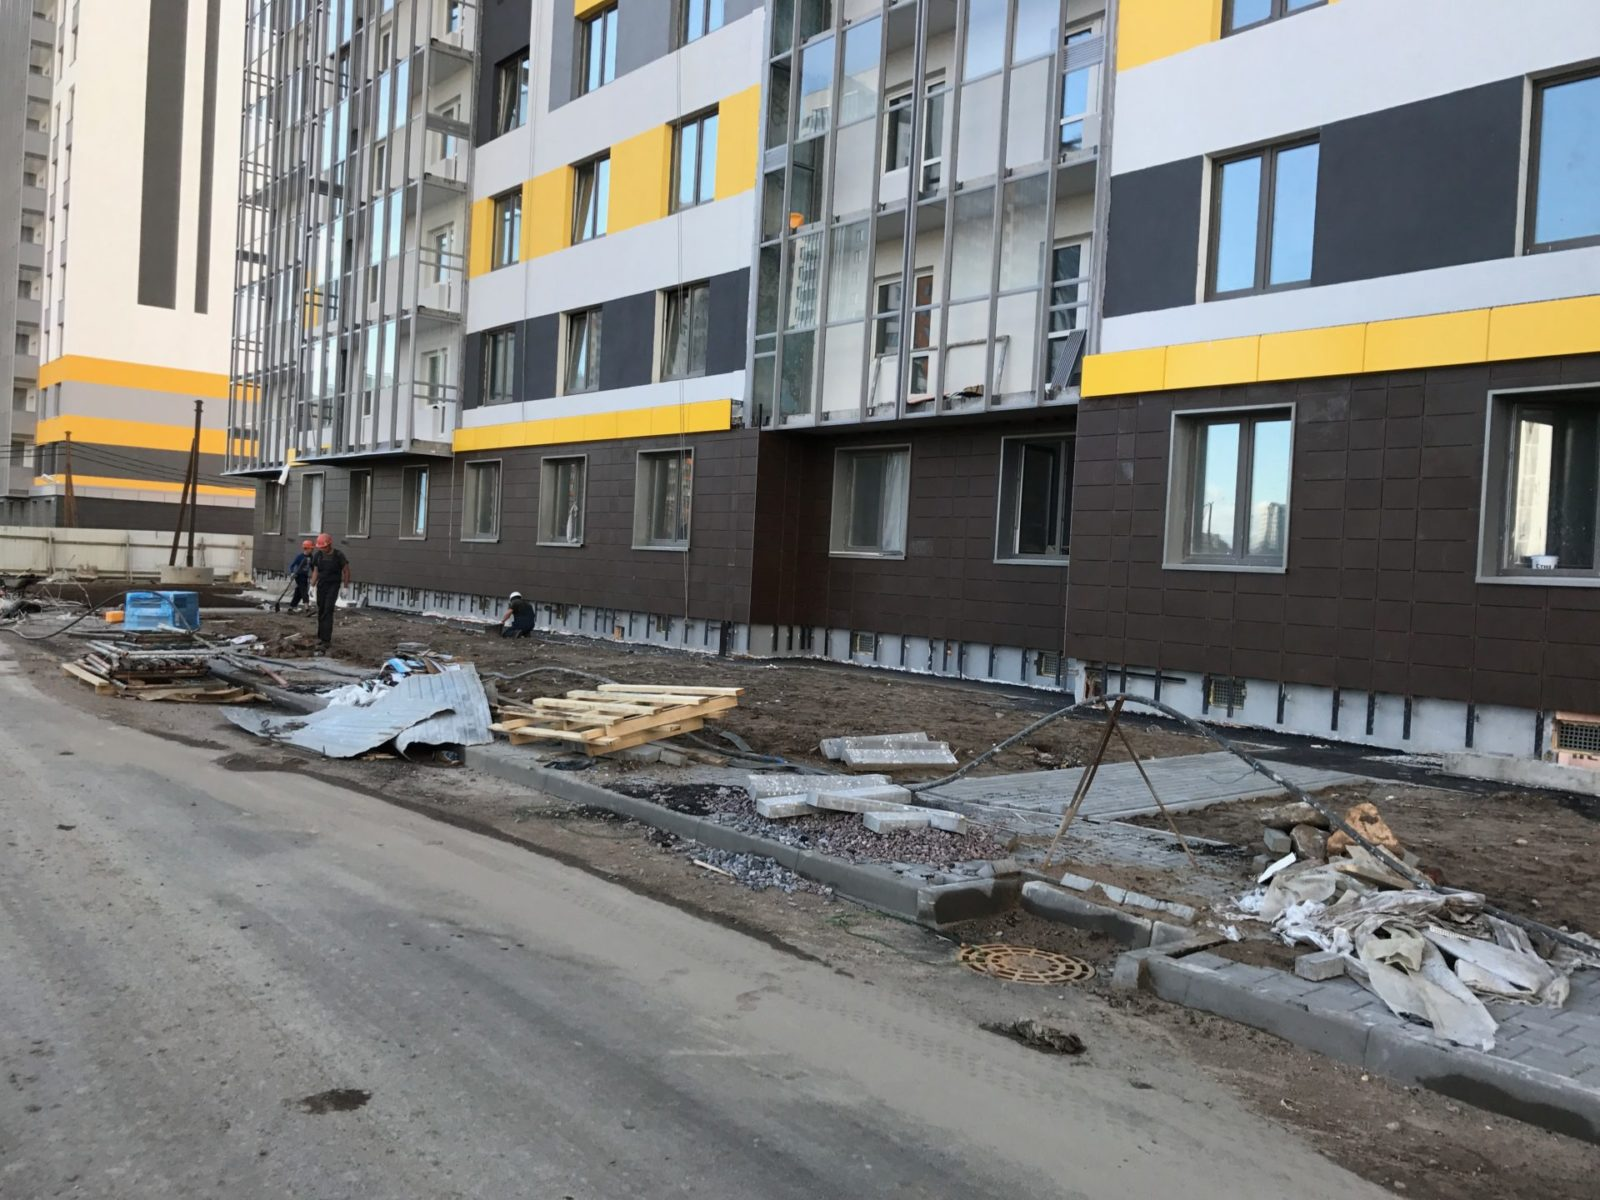 Стоимость выполнения работ по устройству вентилируемых фасадов для ПАО «Группа ЛСР» в СПб